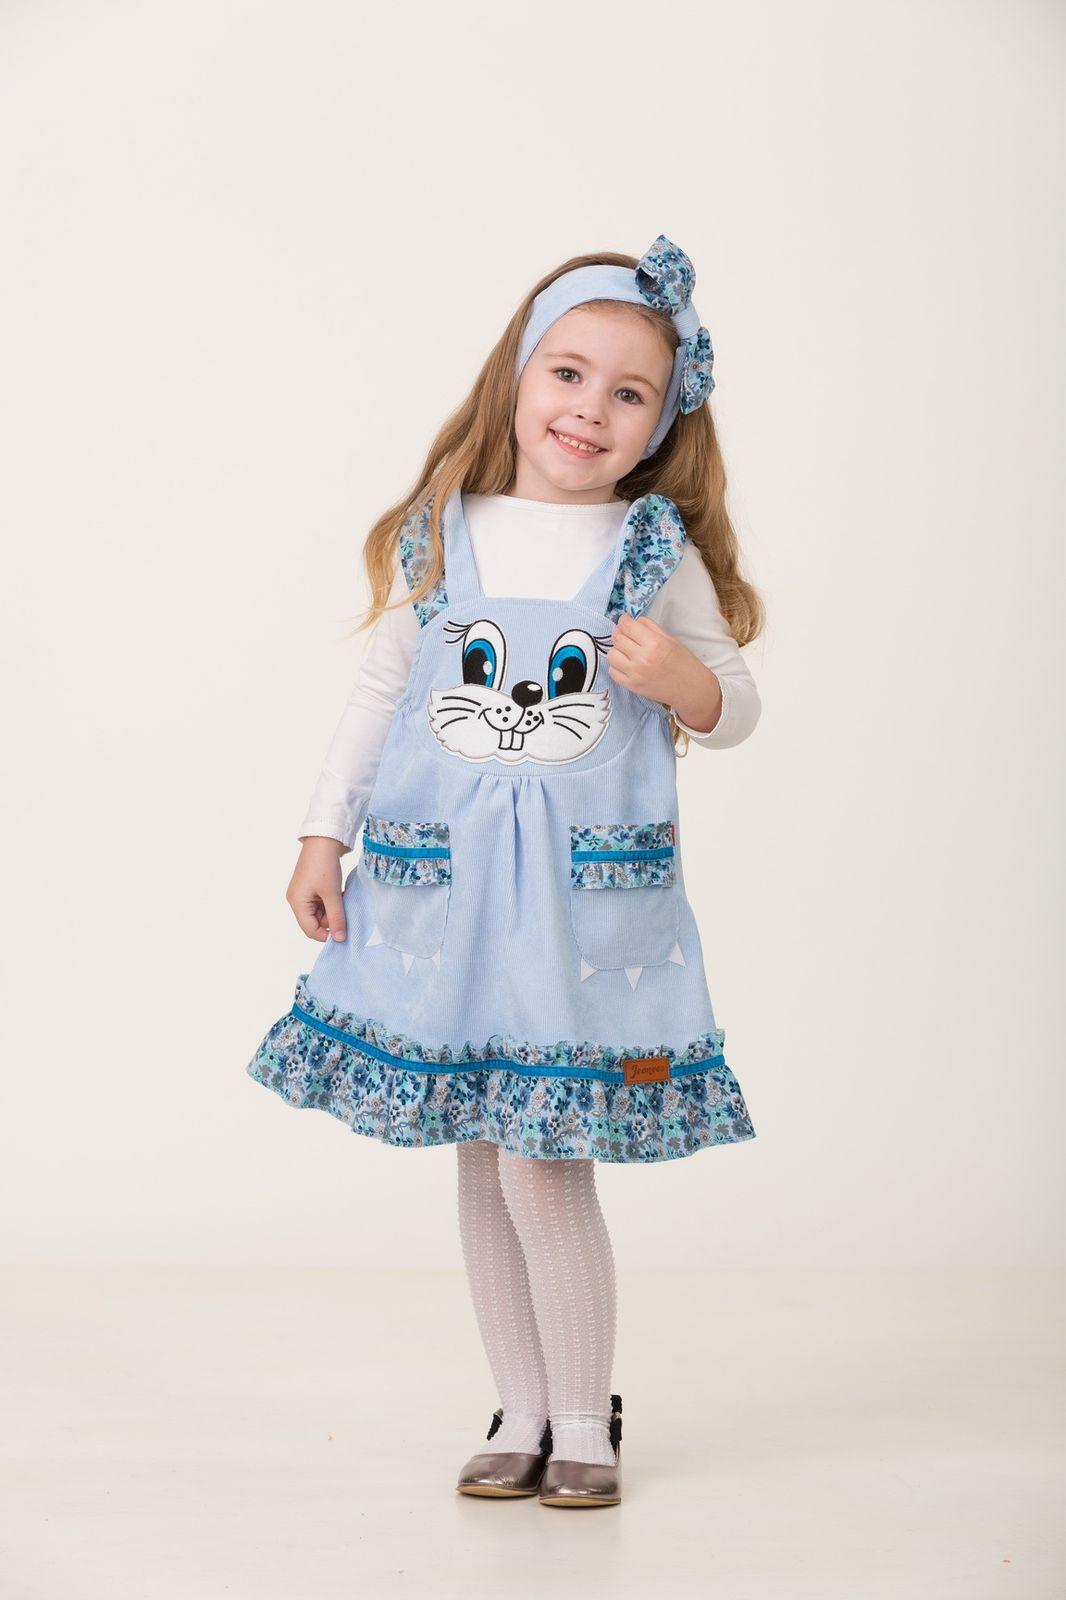 Карнавальный костюм Jeanees Зайка Капризка, цвет: голубой. Размер: 26 карнавальный костюм jeanees зайчонок хвастунишка цвет голубой размер 24